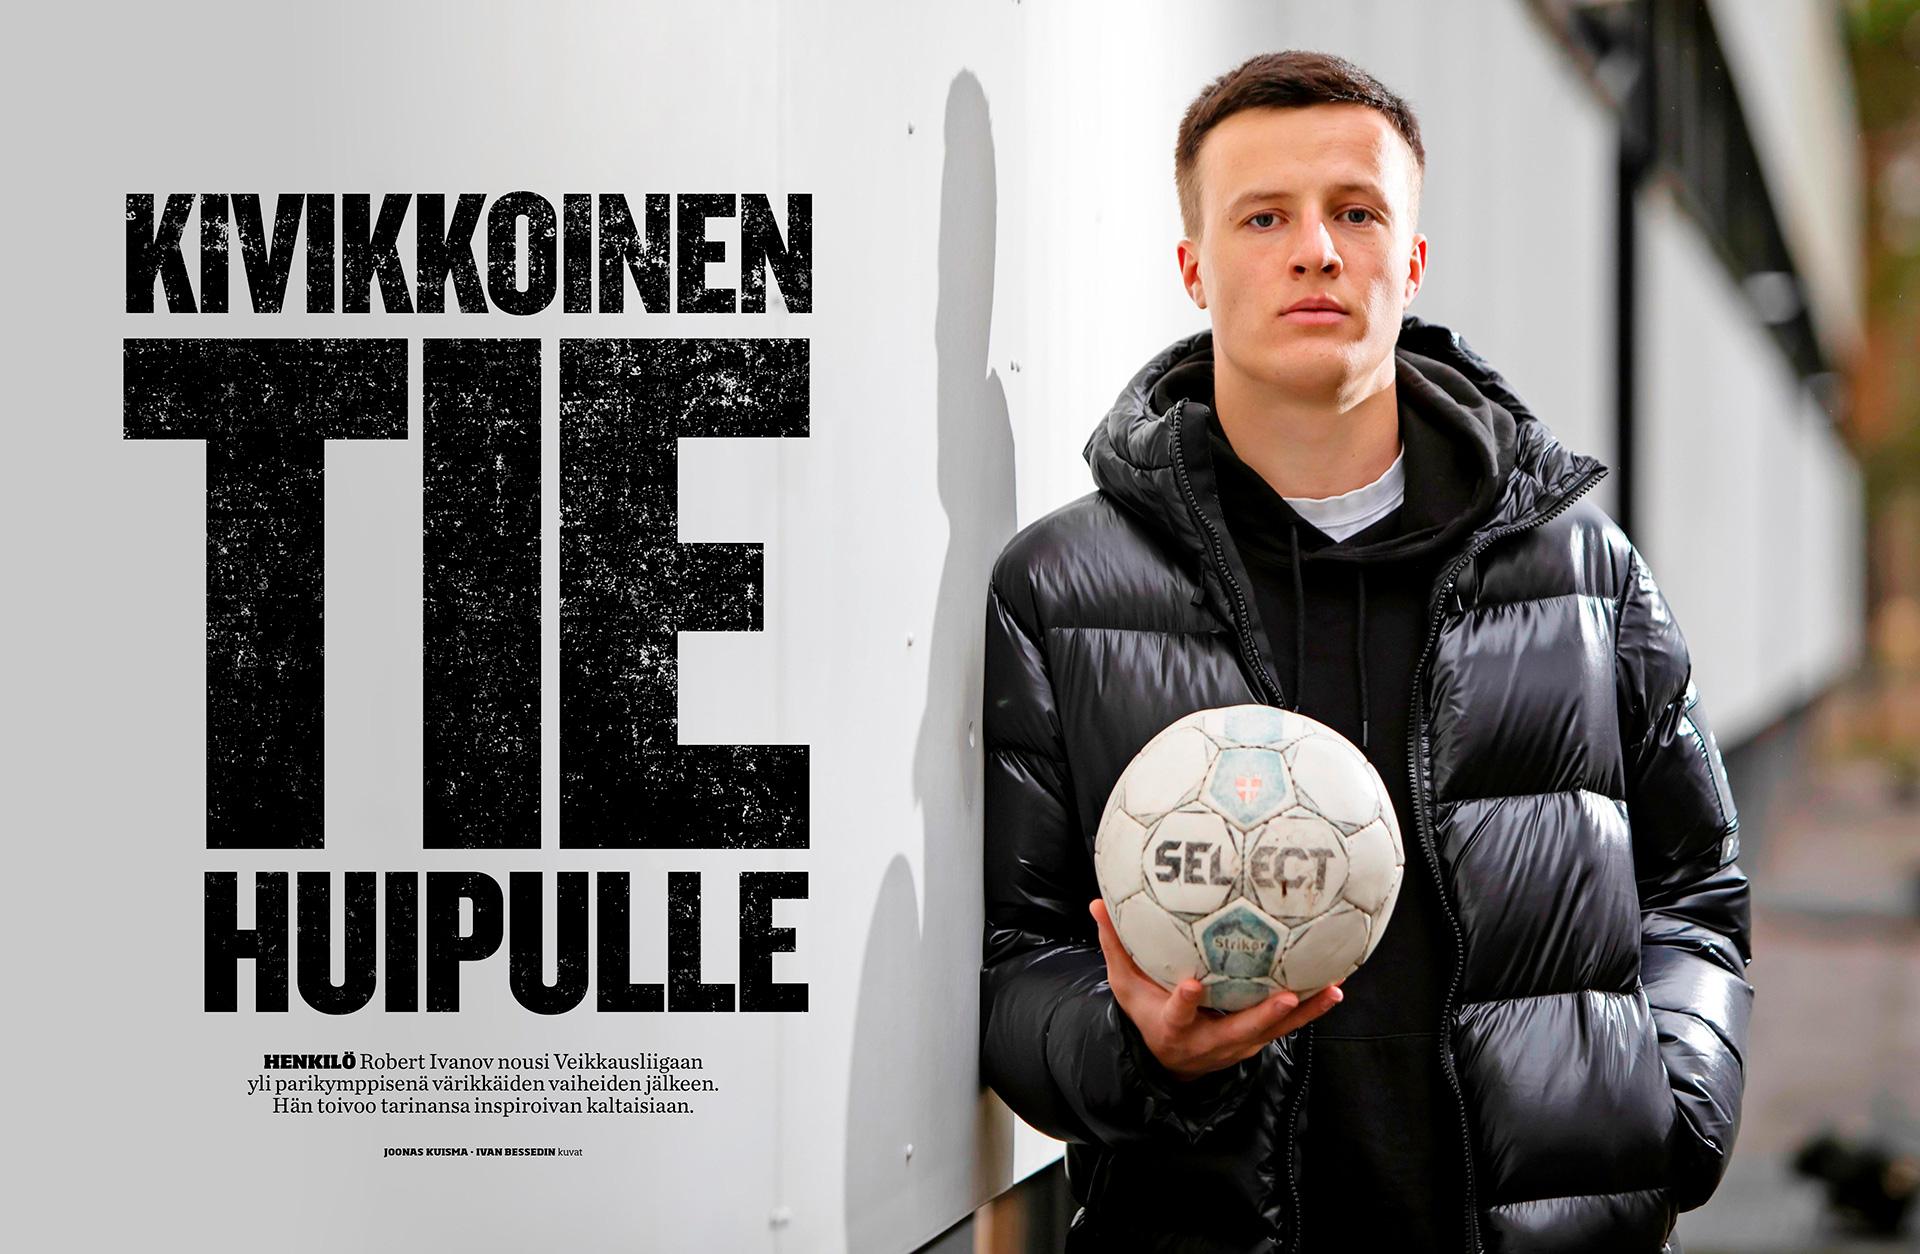 Urheilu Lehti, Robert Ivanov, footballer, suomalainen jalkapalloilija